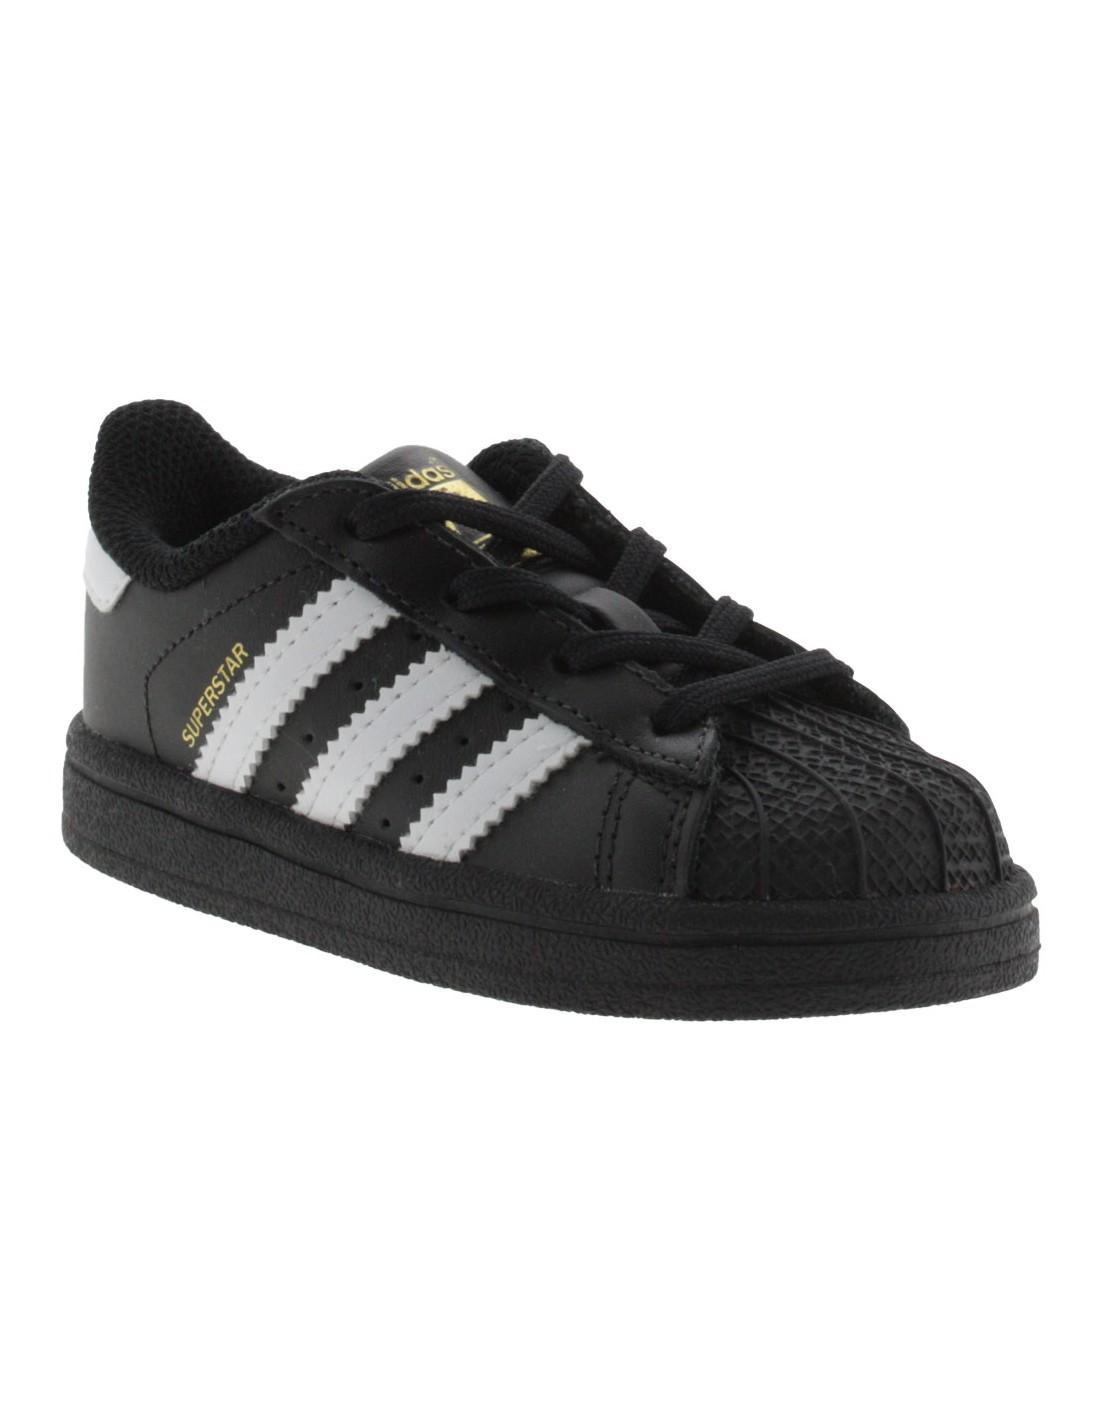 ... Scarpe Adidas Superstar I bambino nero. Prezzo scontato